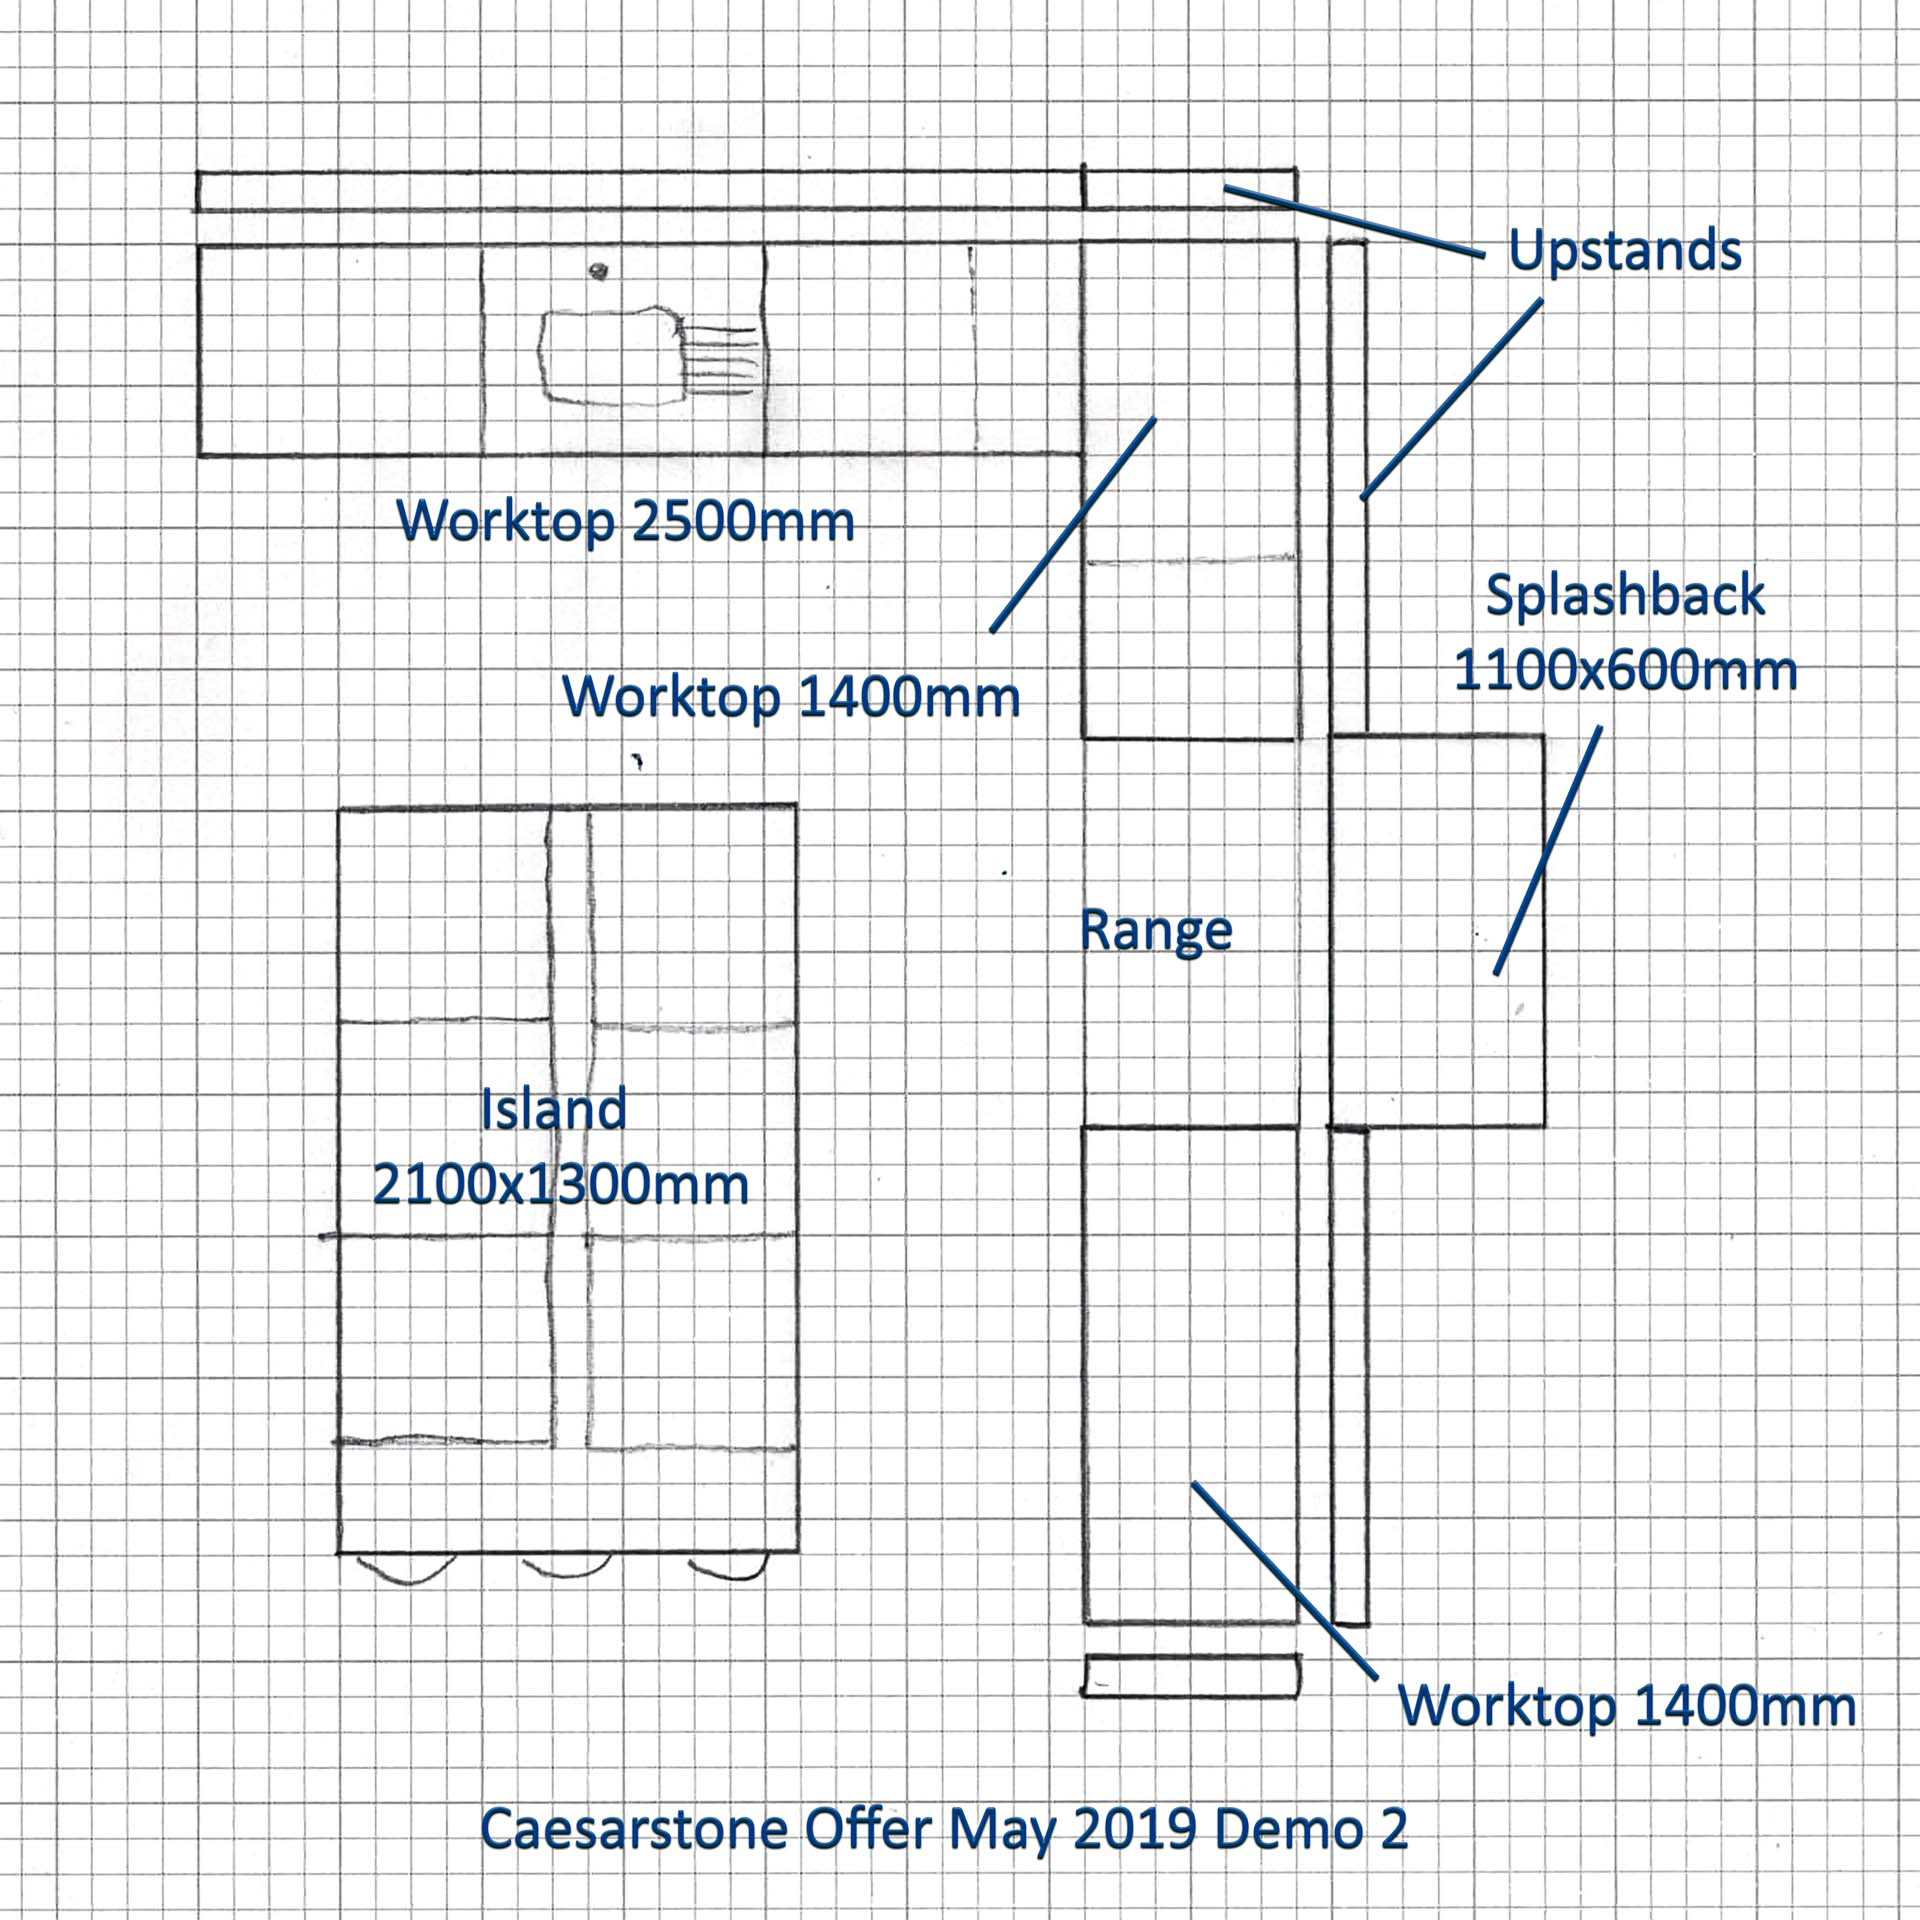 special offer caesarstone quartz worktops kitchen plans discount 002a